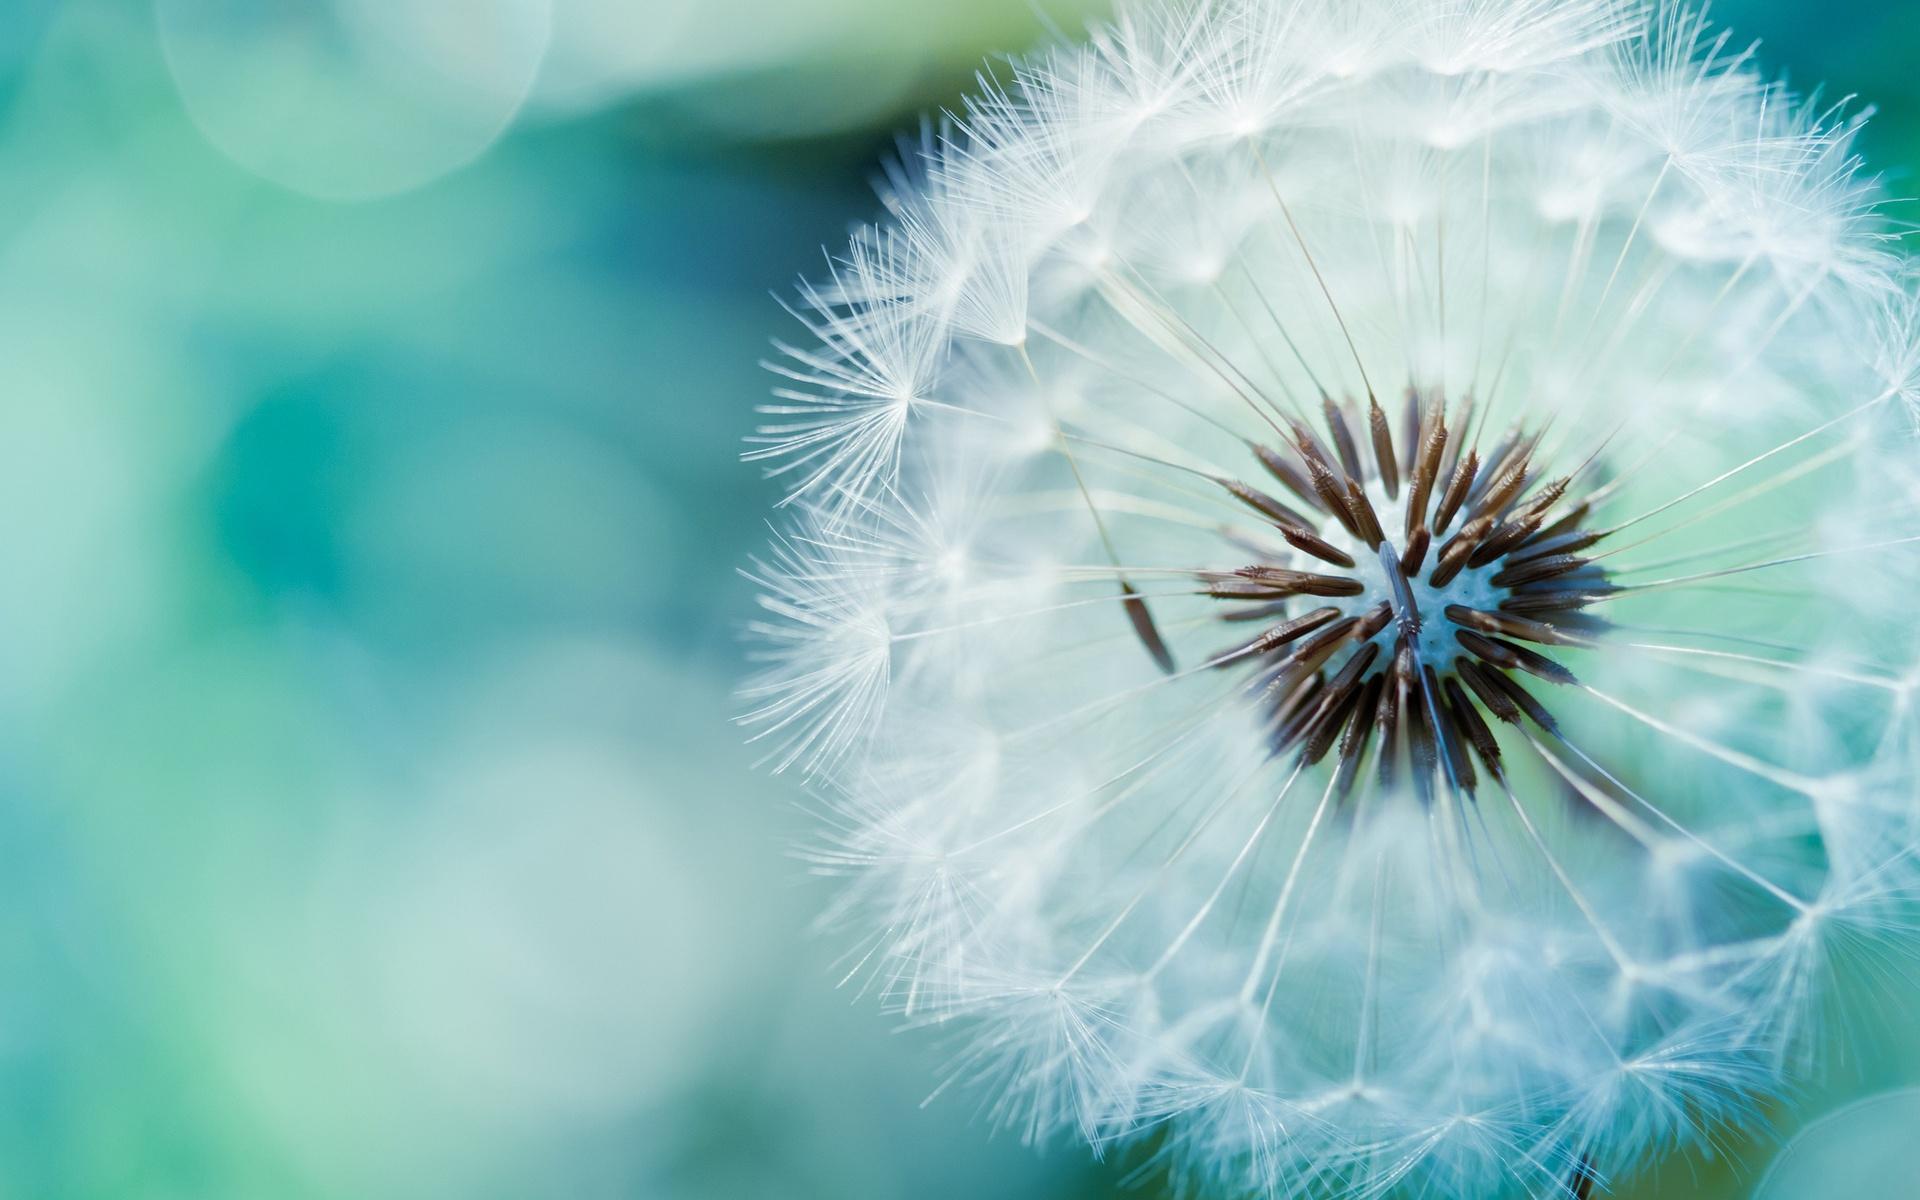 Vàng không thuần khiết, người không thập toàn, muốn vận mệnh tốt chỉ cần tâm trong sạch - Ảnh 2